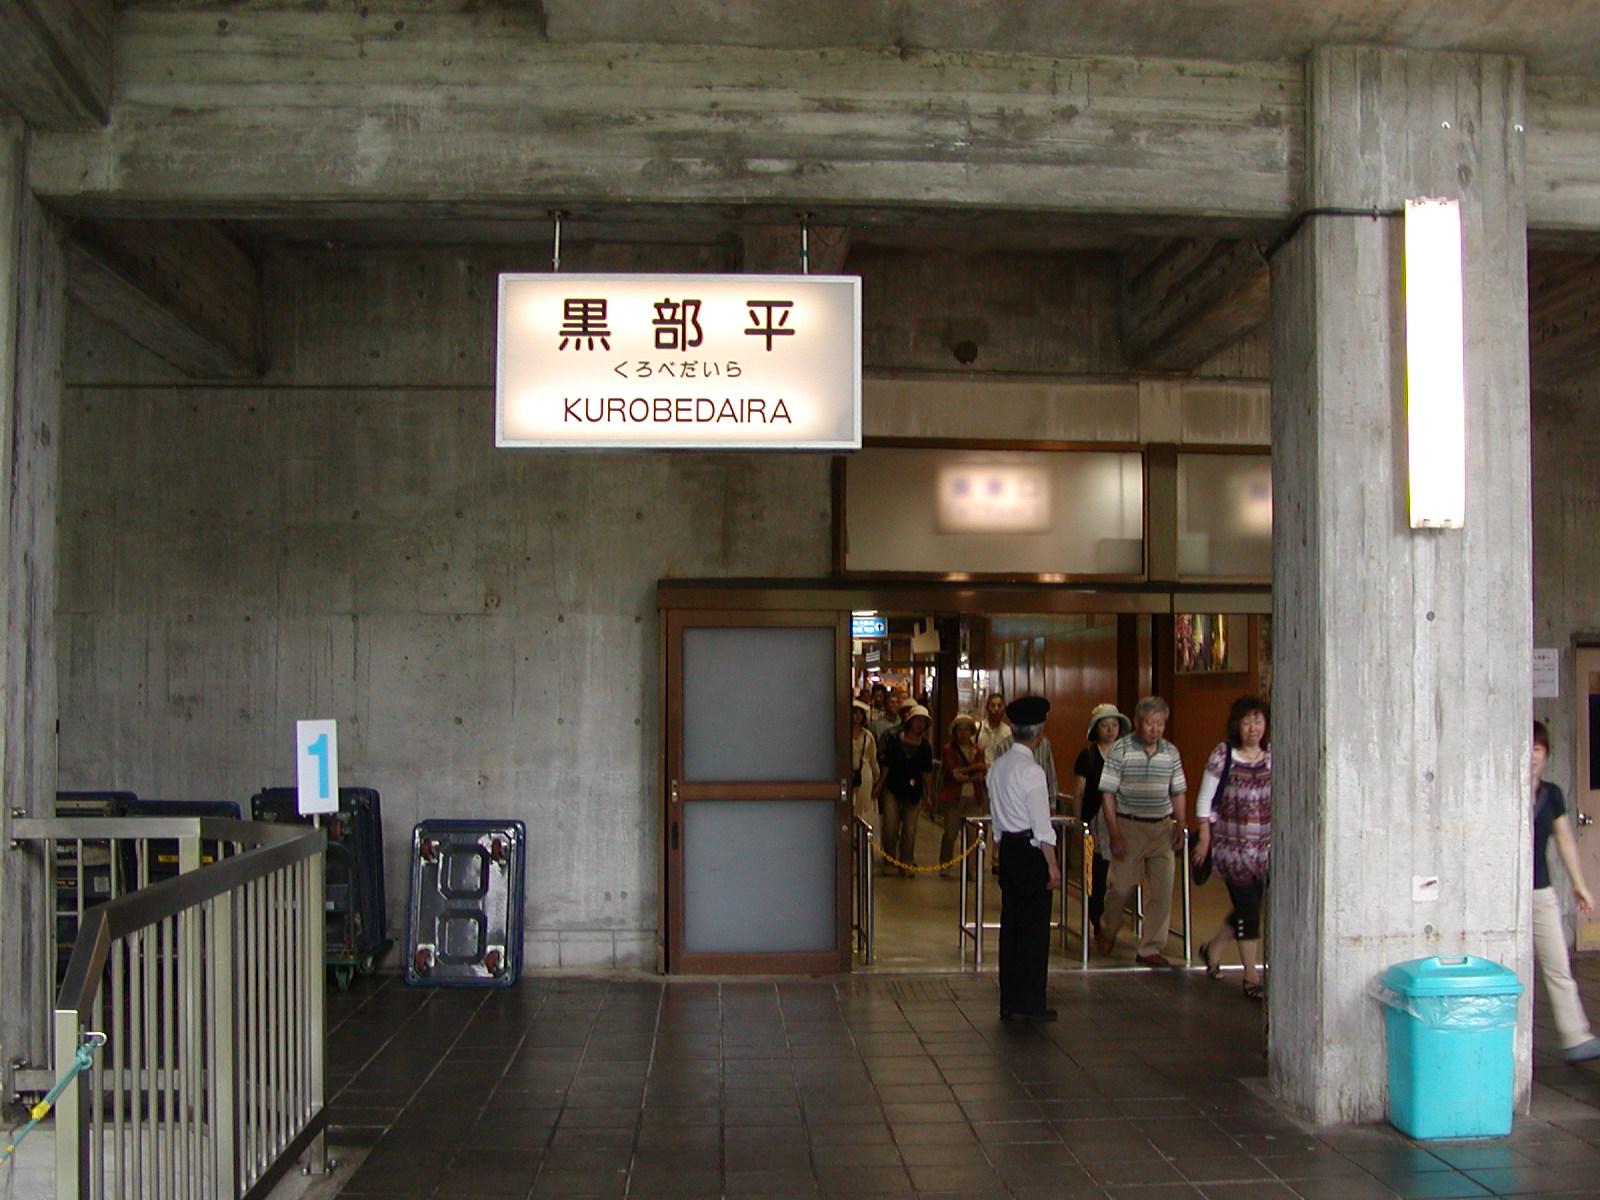 黒部平駅構内